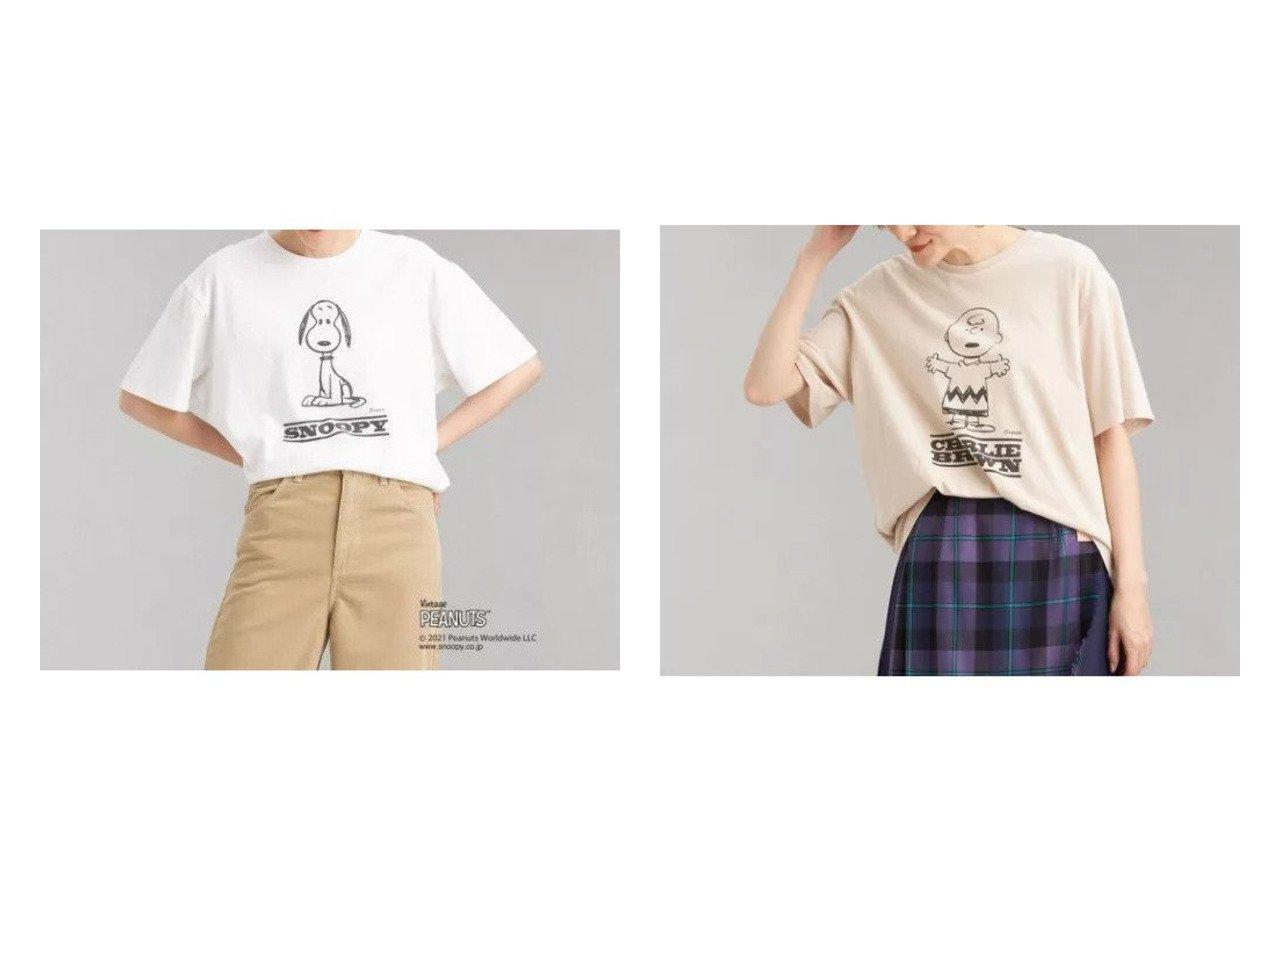 【green label relaxing / UNITED ARROWS/グリーンレーベル リラクシング / ユナイテッドアローズ】の【別注】ショートスリーブ Tシャツ 【トップス・カットソー】おすすめ!人気、トレンド・レディースファッションの通販 おすすめで人気の流行・トレンド、ファッションの通販商品 インテリア・家具・メンズファッション・キッズファッション・レディースファッション・服の通販 founy(ファニー) https://founy.com/ ファッション Fashion レディースファッション WOMEN トップス・カットソー Tops/Tshirt シャツ/ブラウス Shirts/Blouses ロング / Tシャツ T-Shirts カットソー Cut and Sewn おすすめ Recommend インナー カットソー ショート スリーブ トレンド プリント ベーシック ロング 別注 半袖 羽織 |ID:crp329100000062100